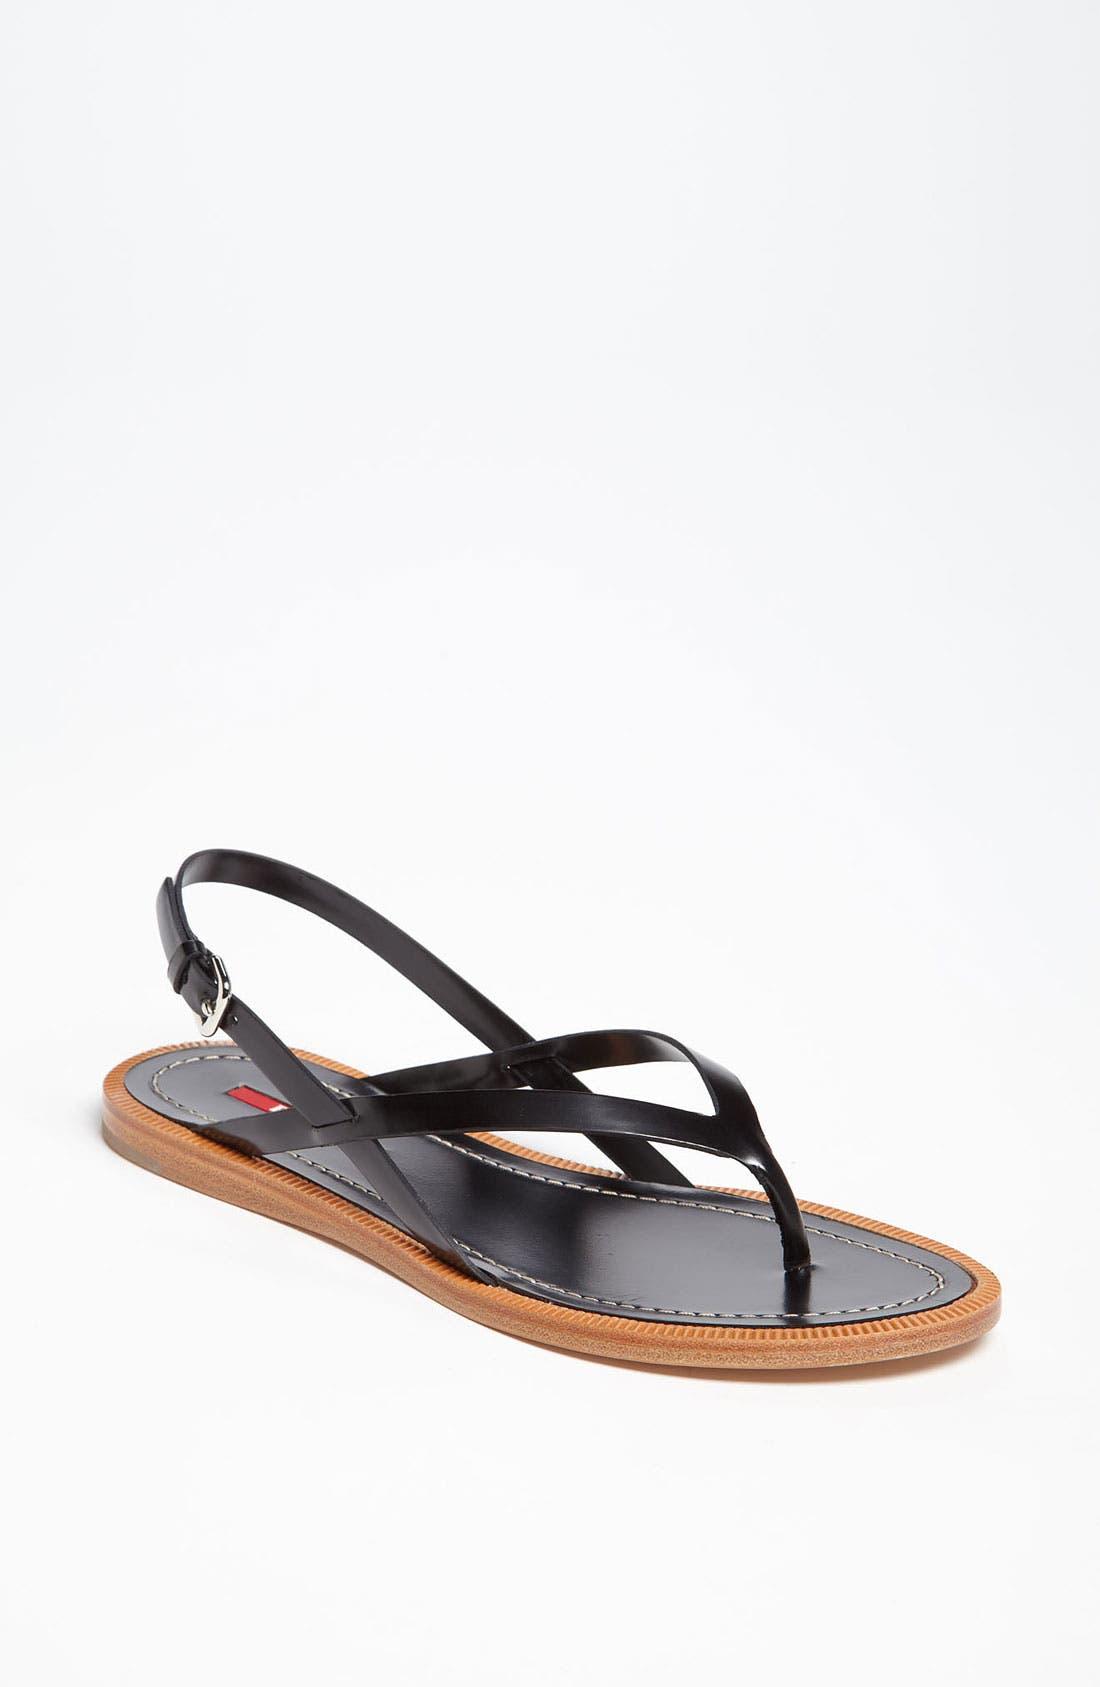 Alternate Image 1 Selected - Prada Flat Sandal